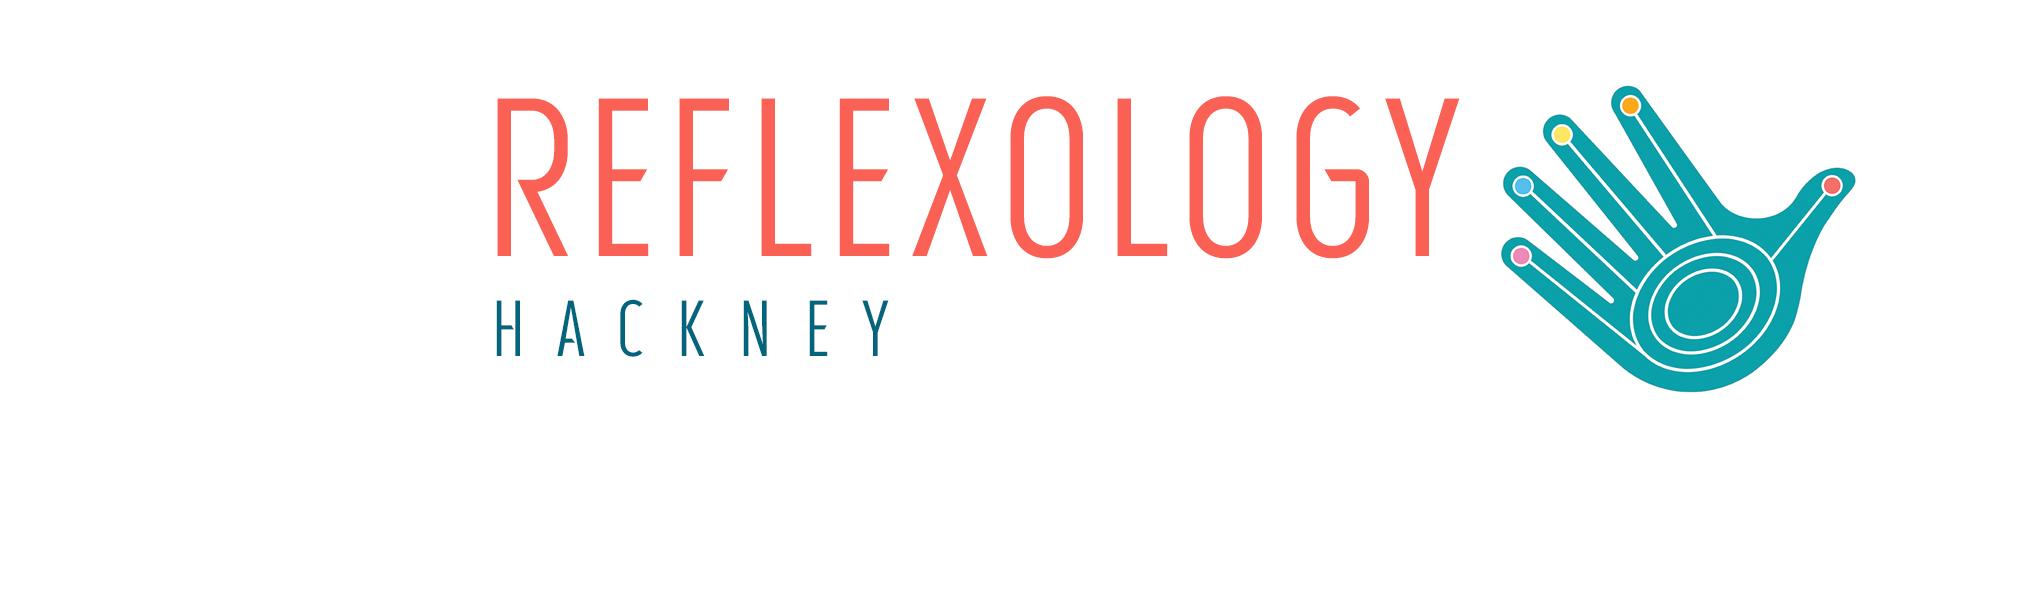 refexology-website